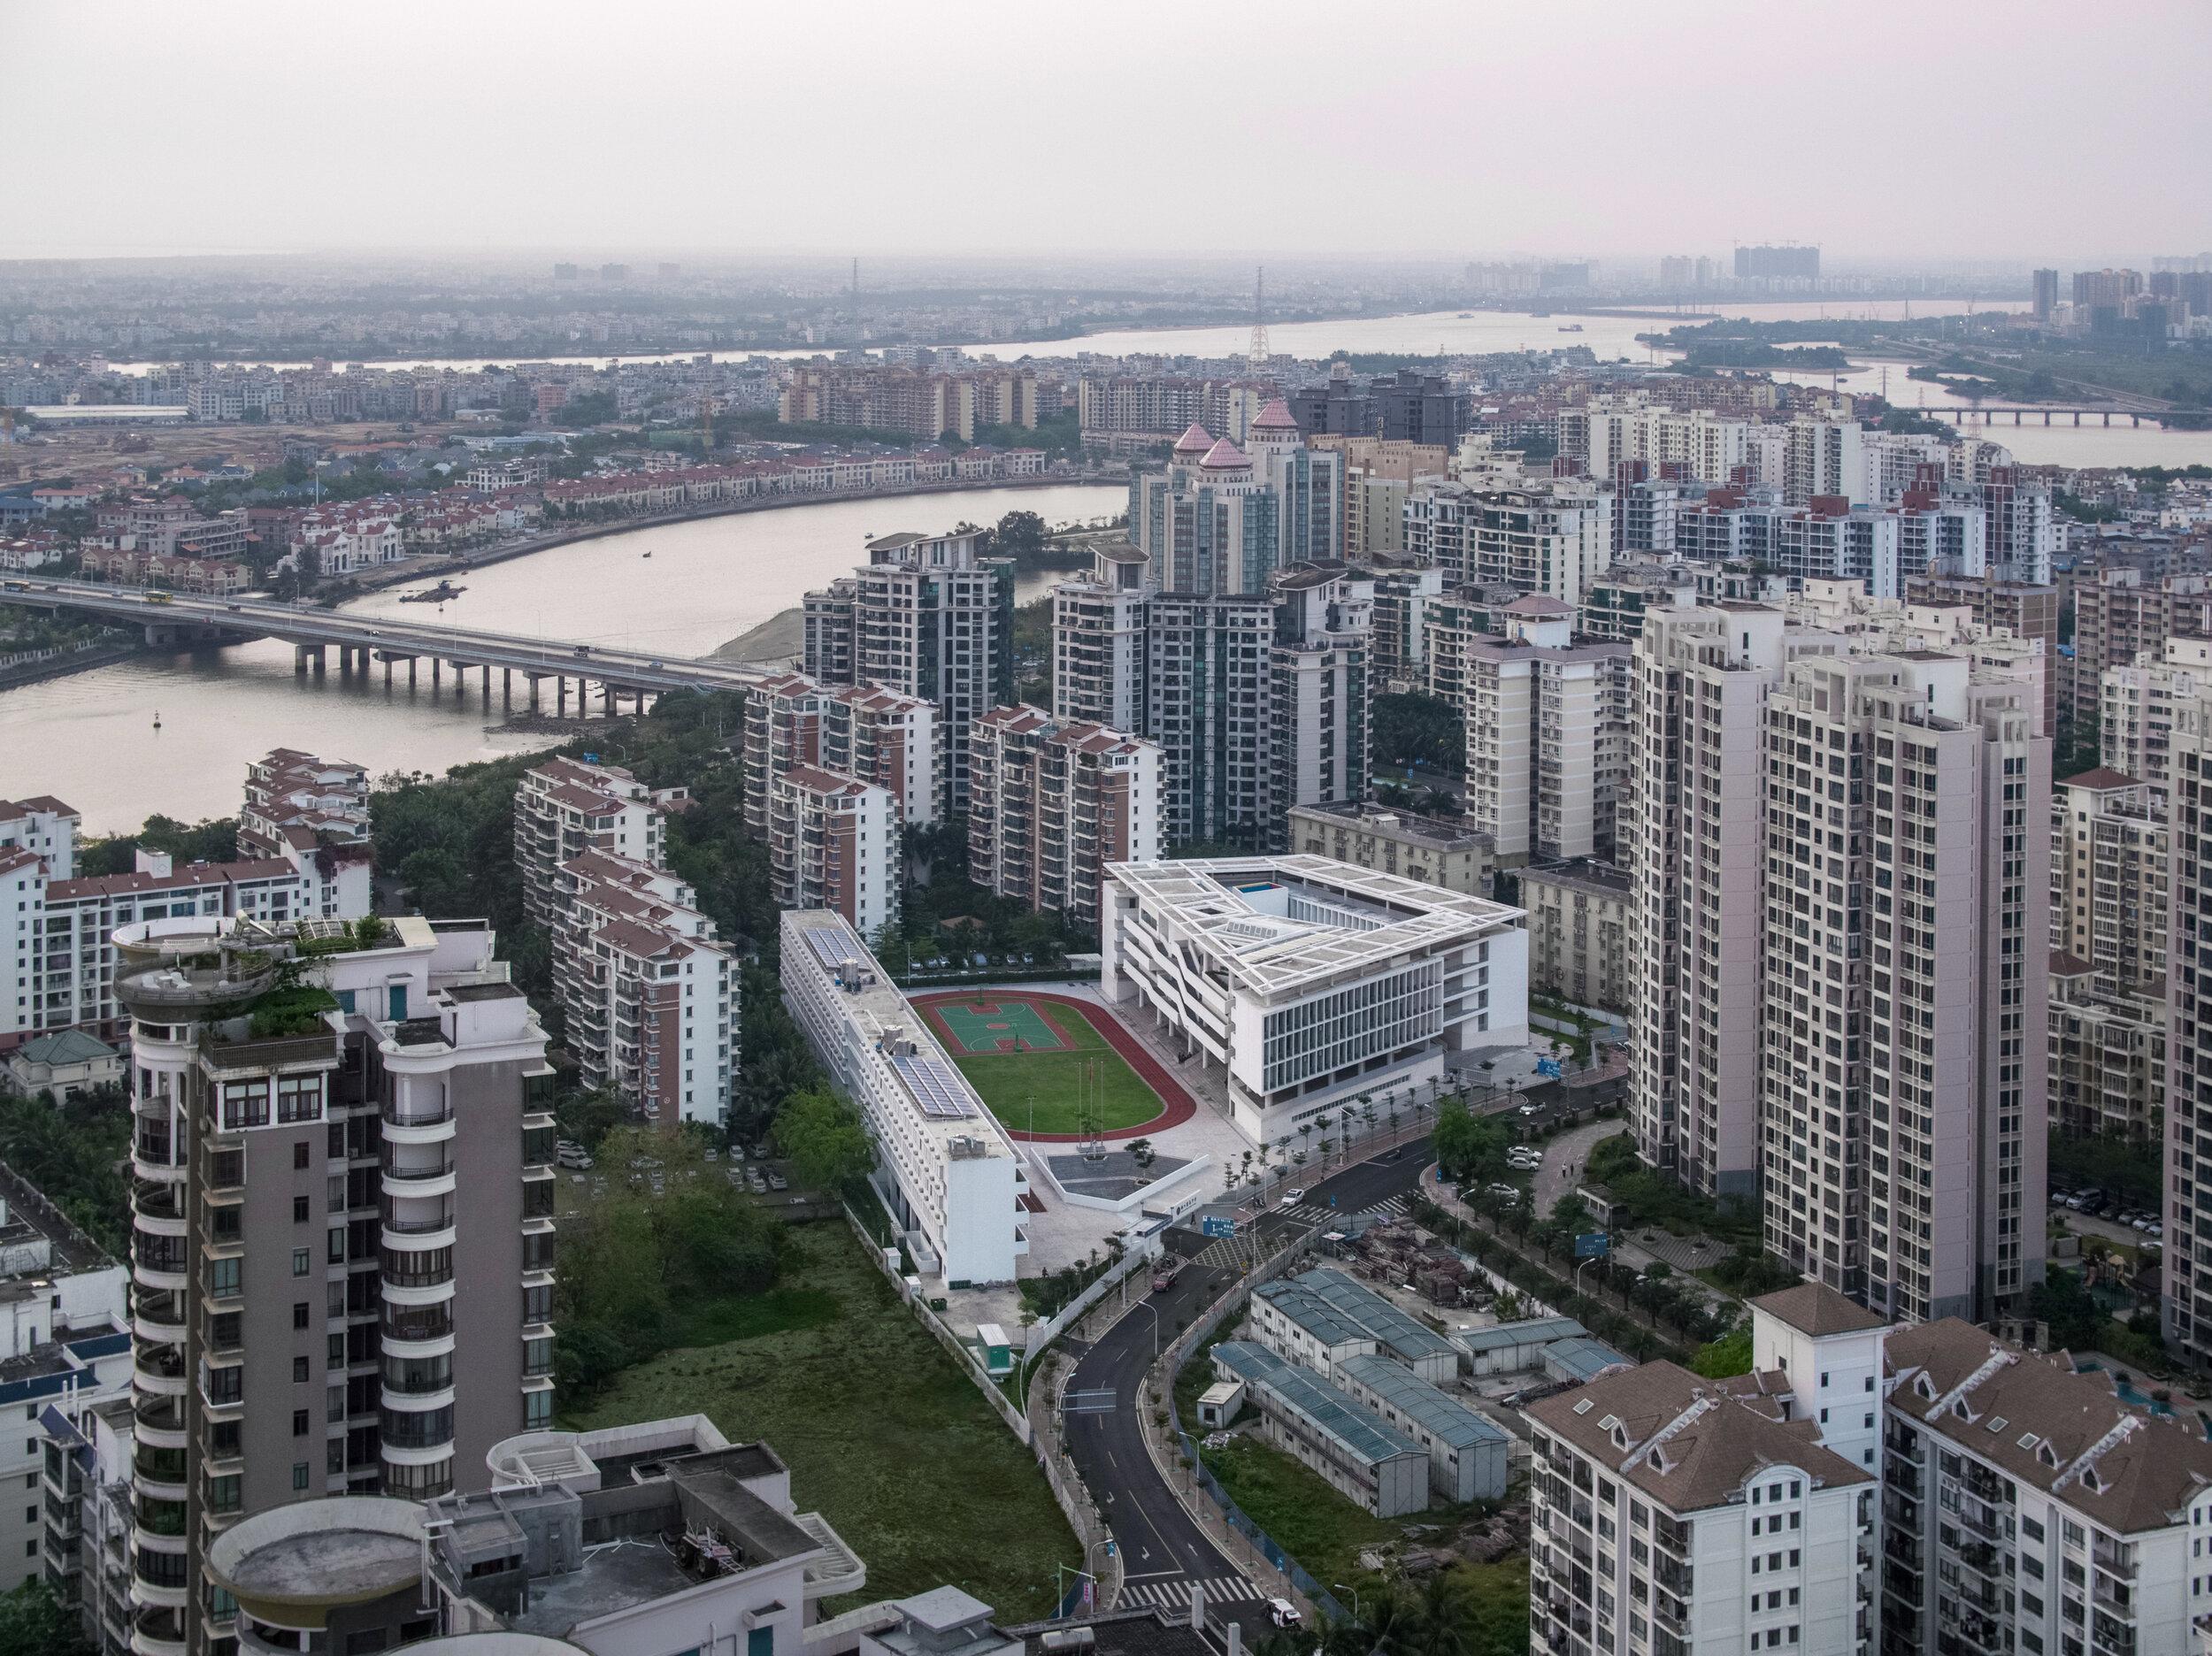 01 鳥瞰 ?是然建筑攝影  Aerial view ?Schran Images.jpg